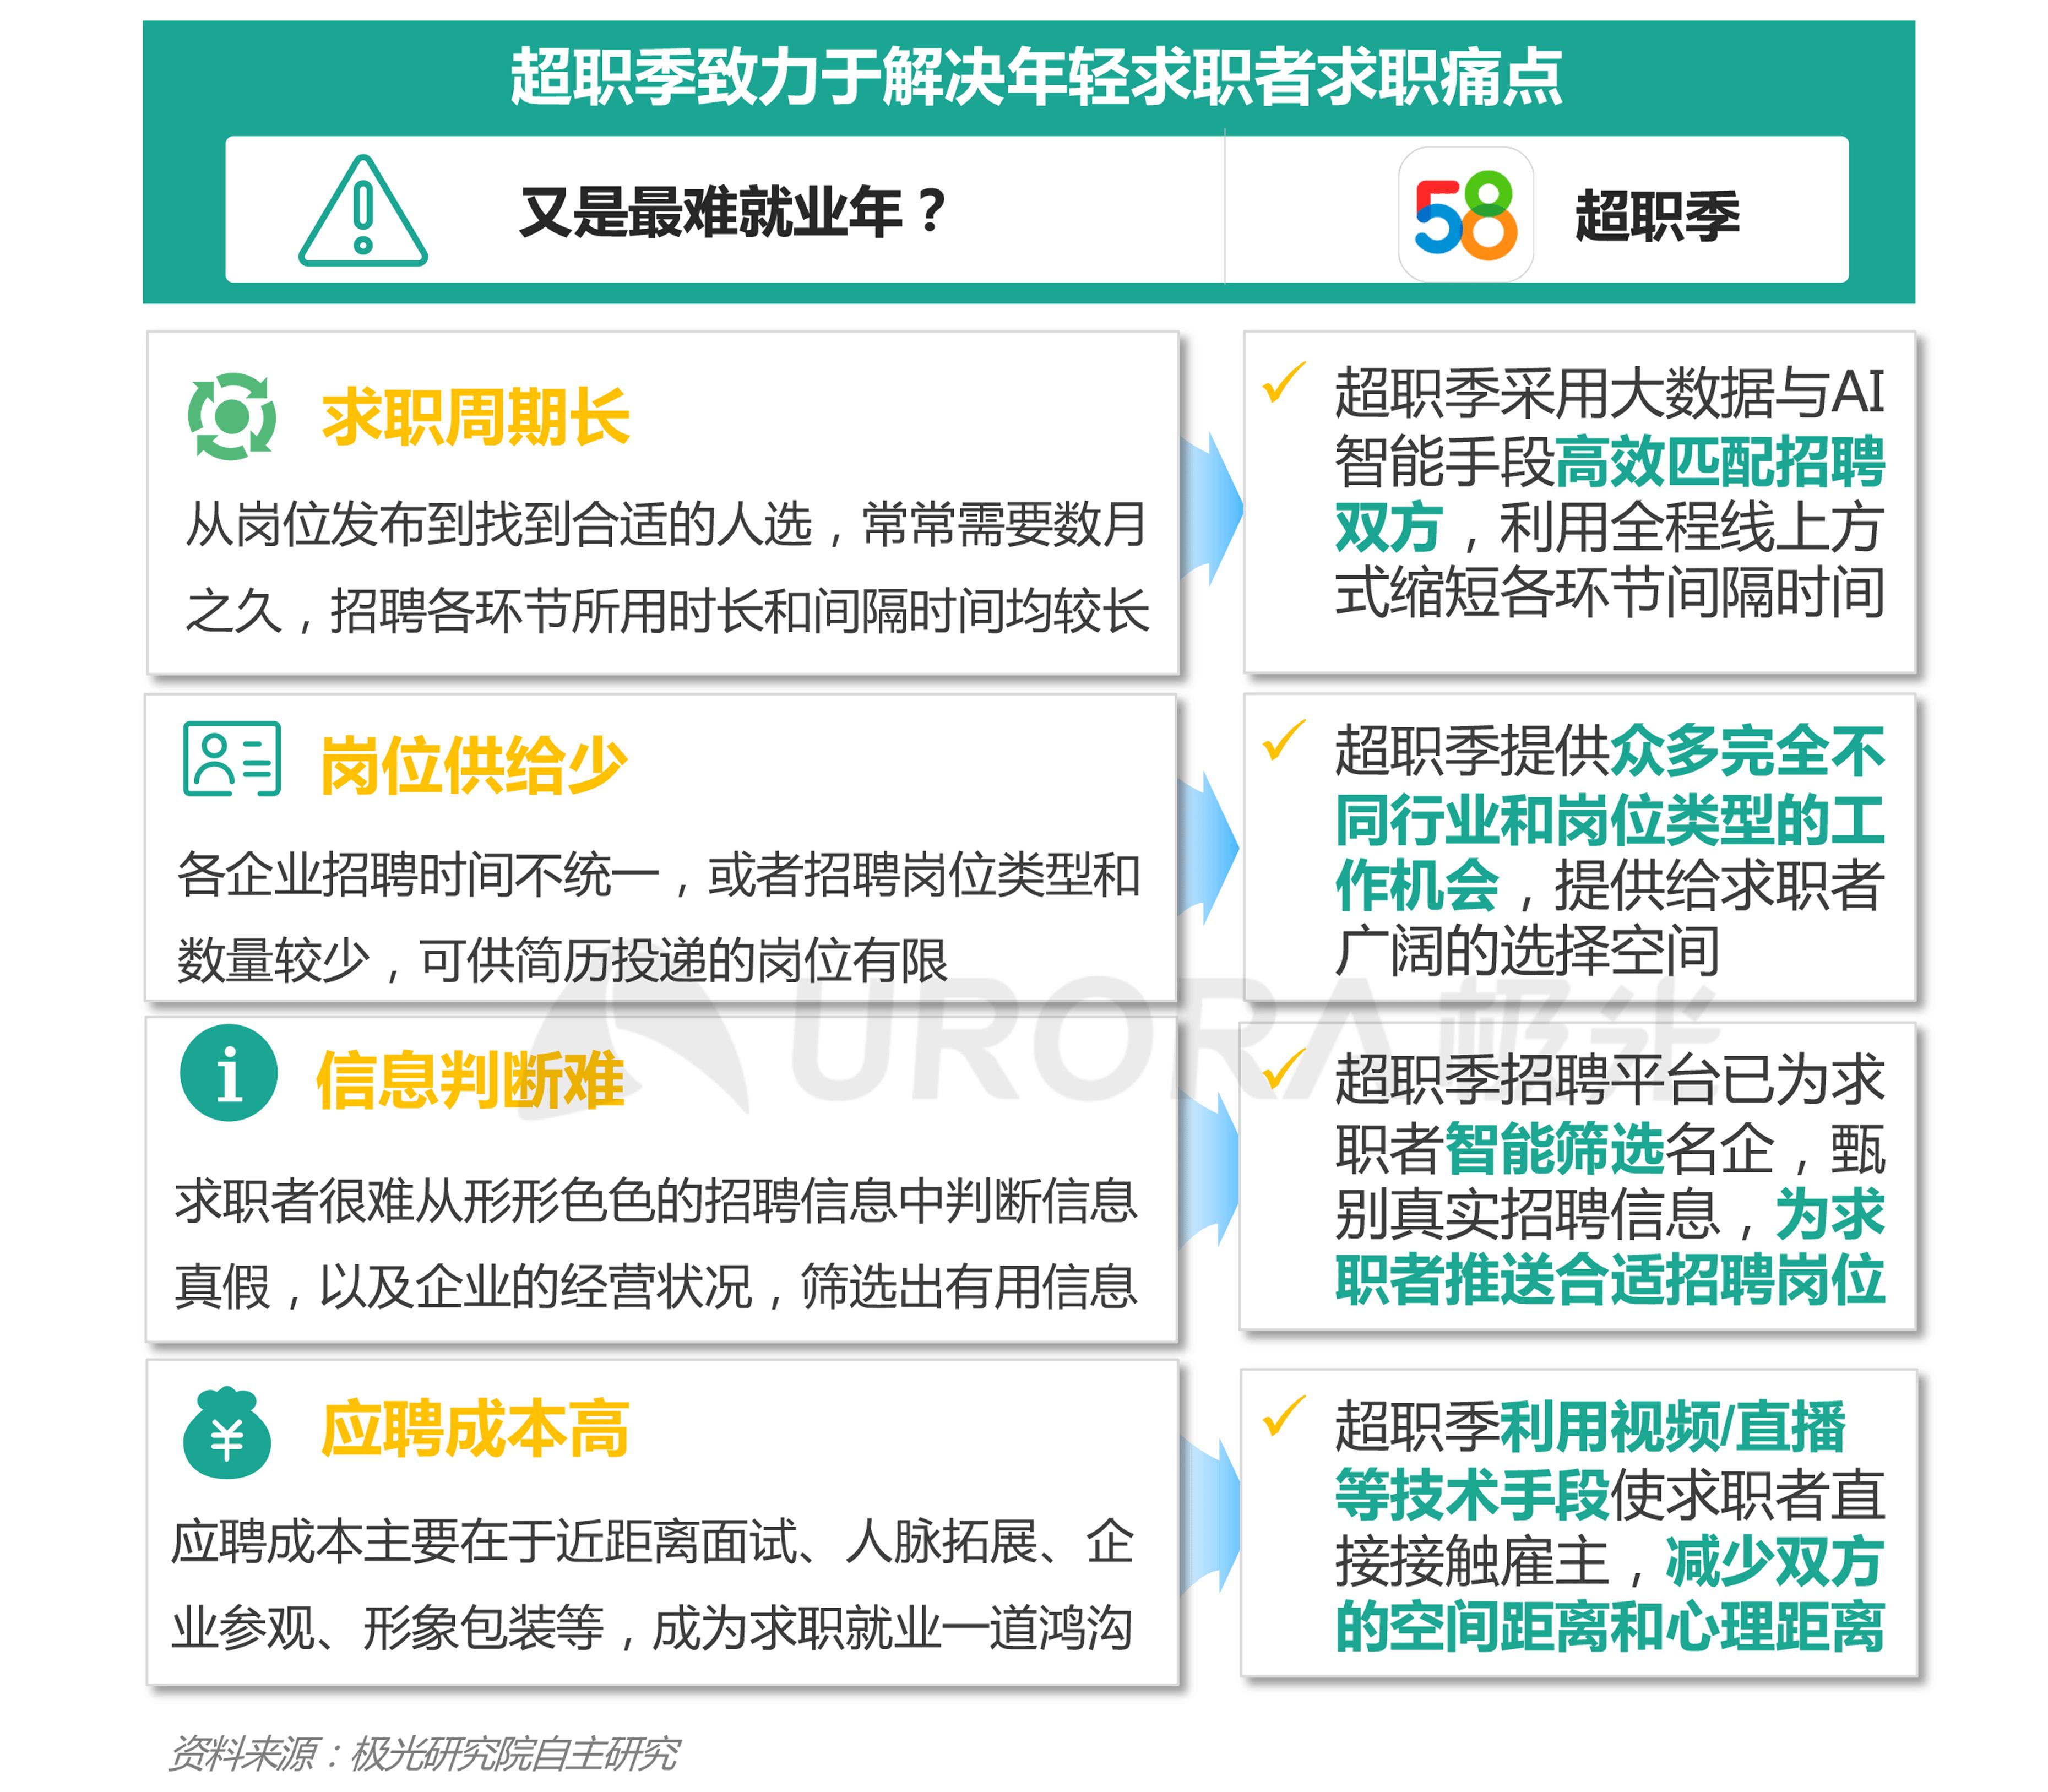 """""""超职季""""招聘行业报告-年轻人求职篇 (3).png"""